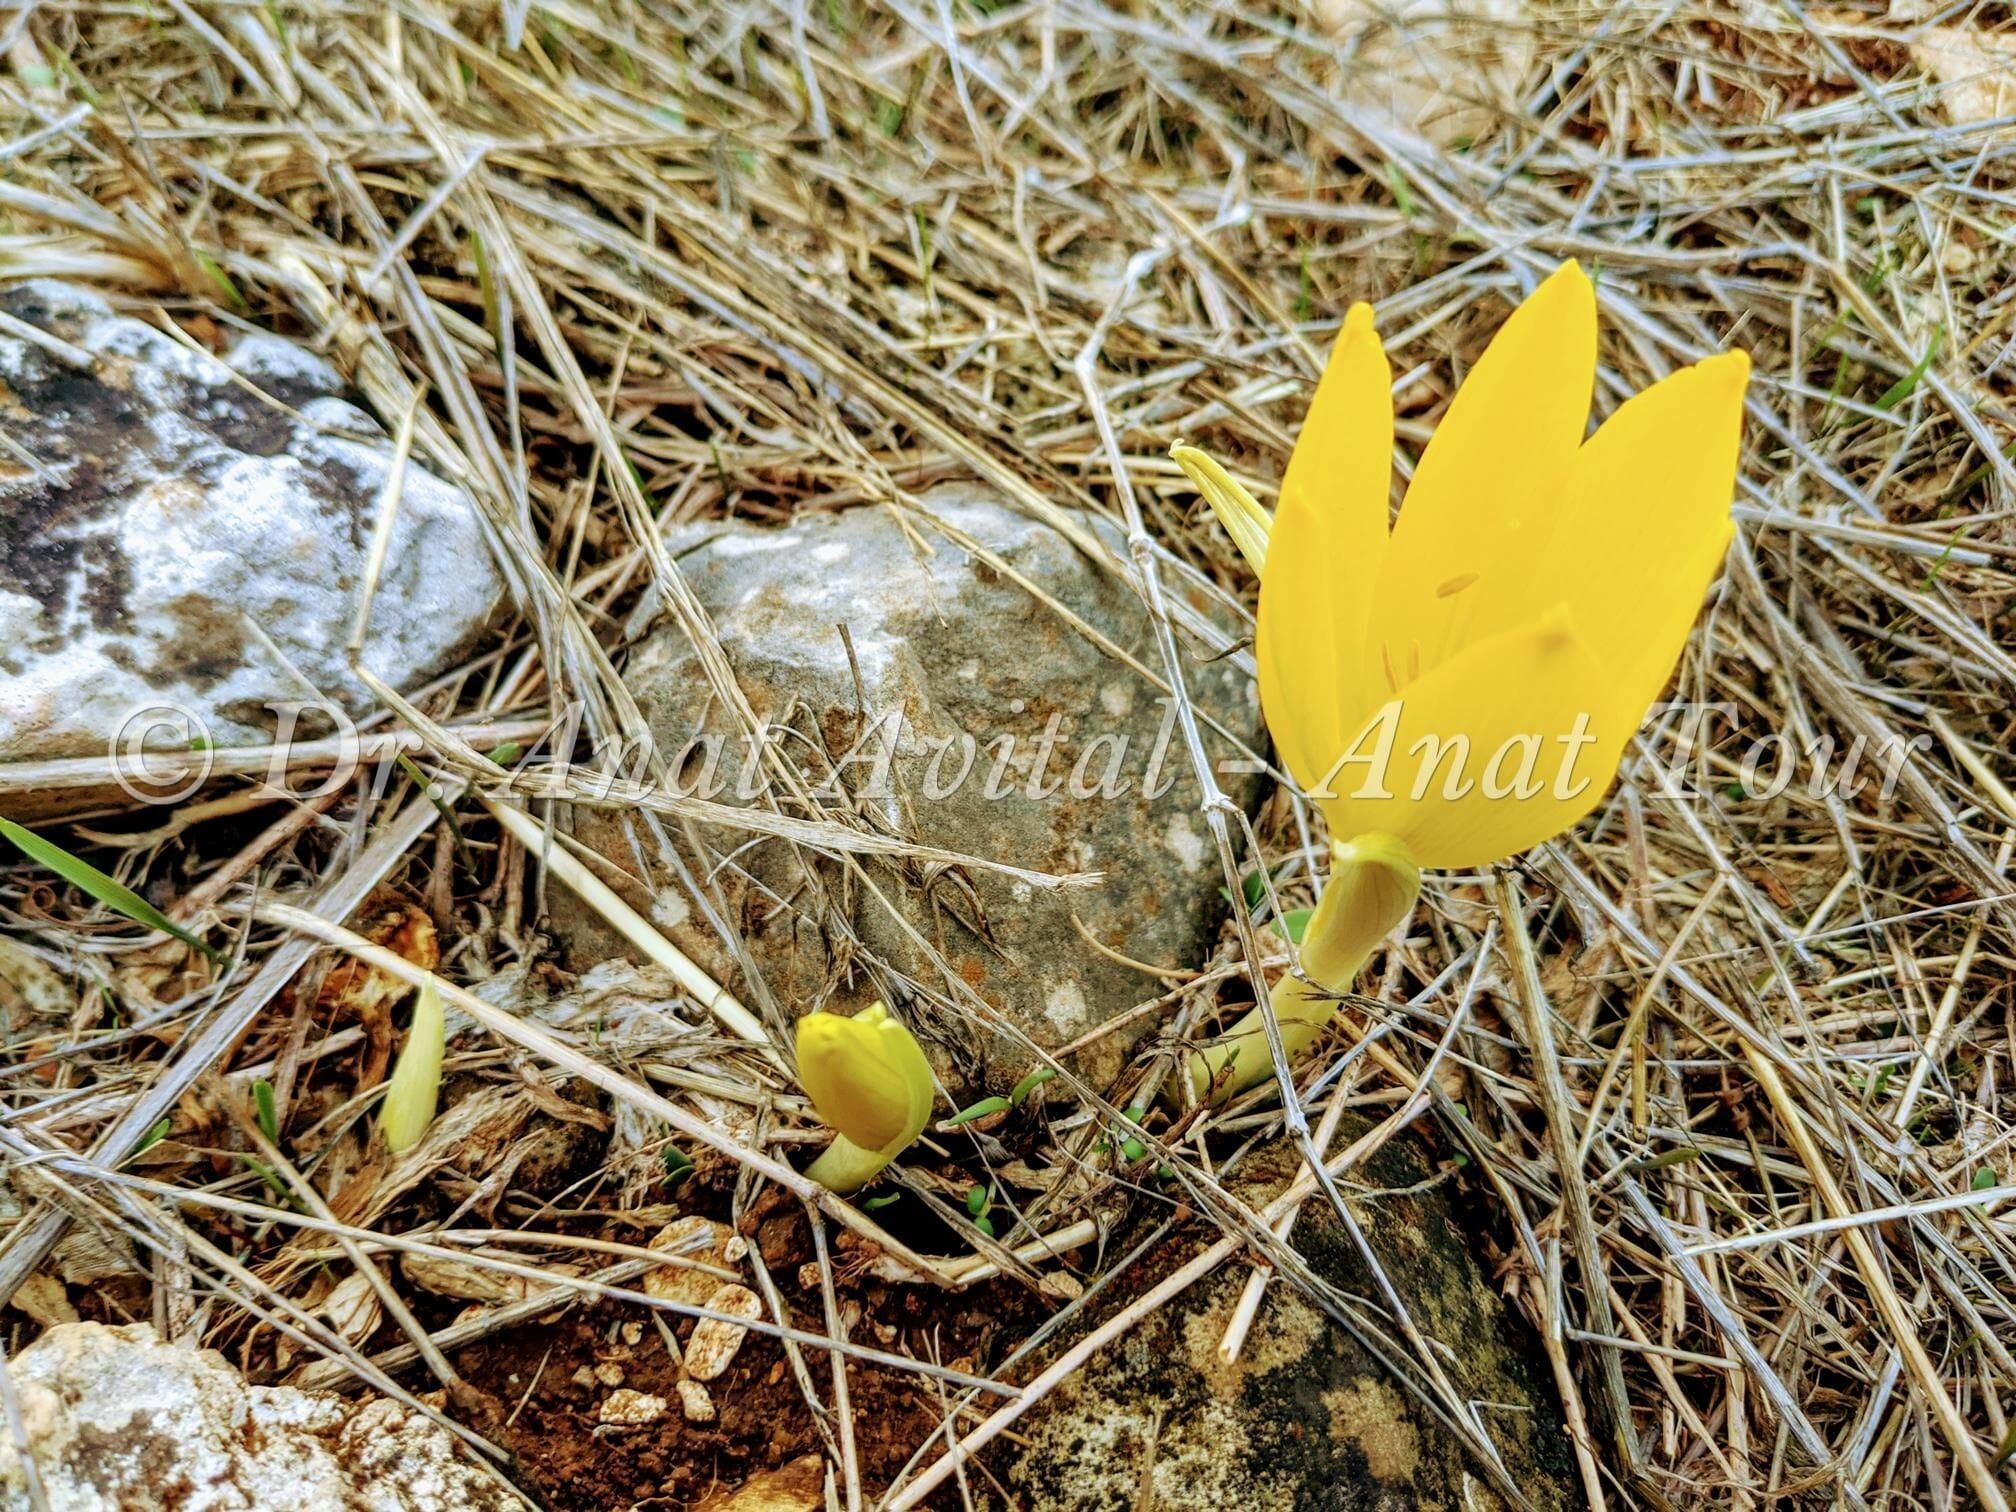 """החלמונית הגדולה על הצלע הדרומית של יובל נחל סנסן, שמורת טבע סנסן, צילום: ד""""ר ענת אביטל"""